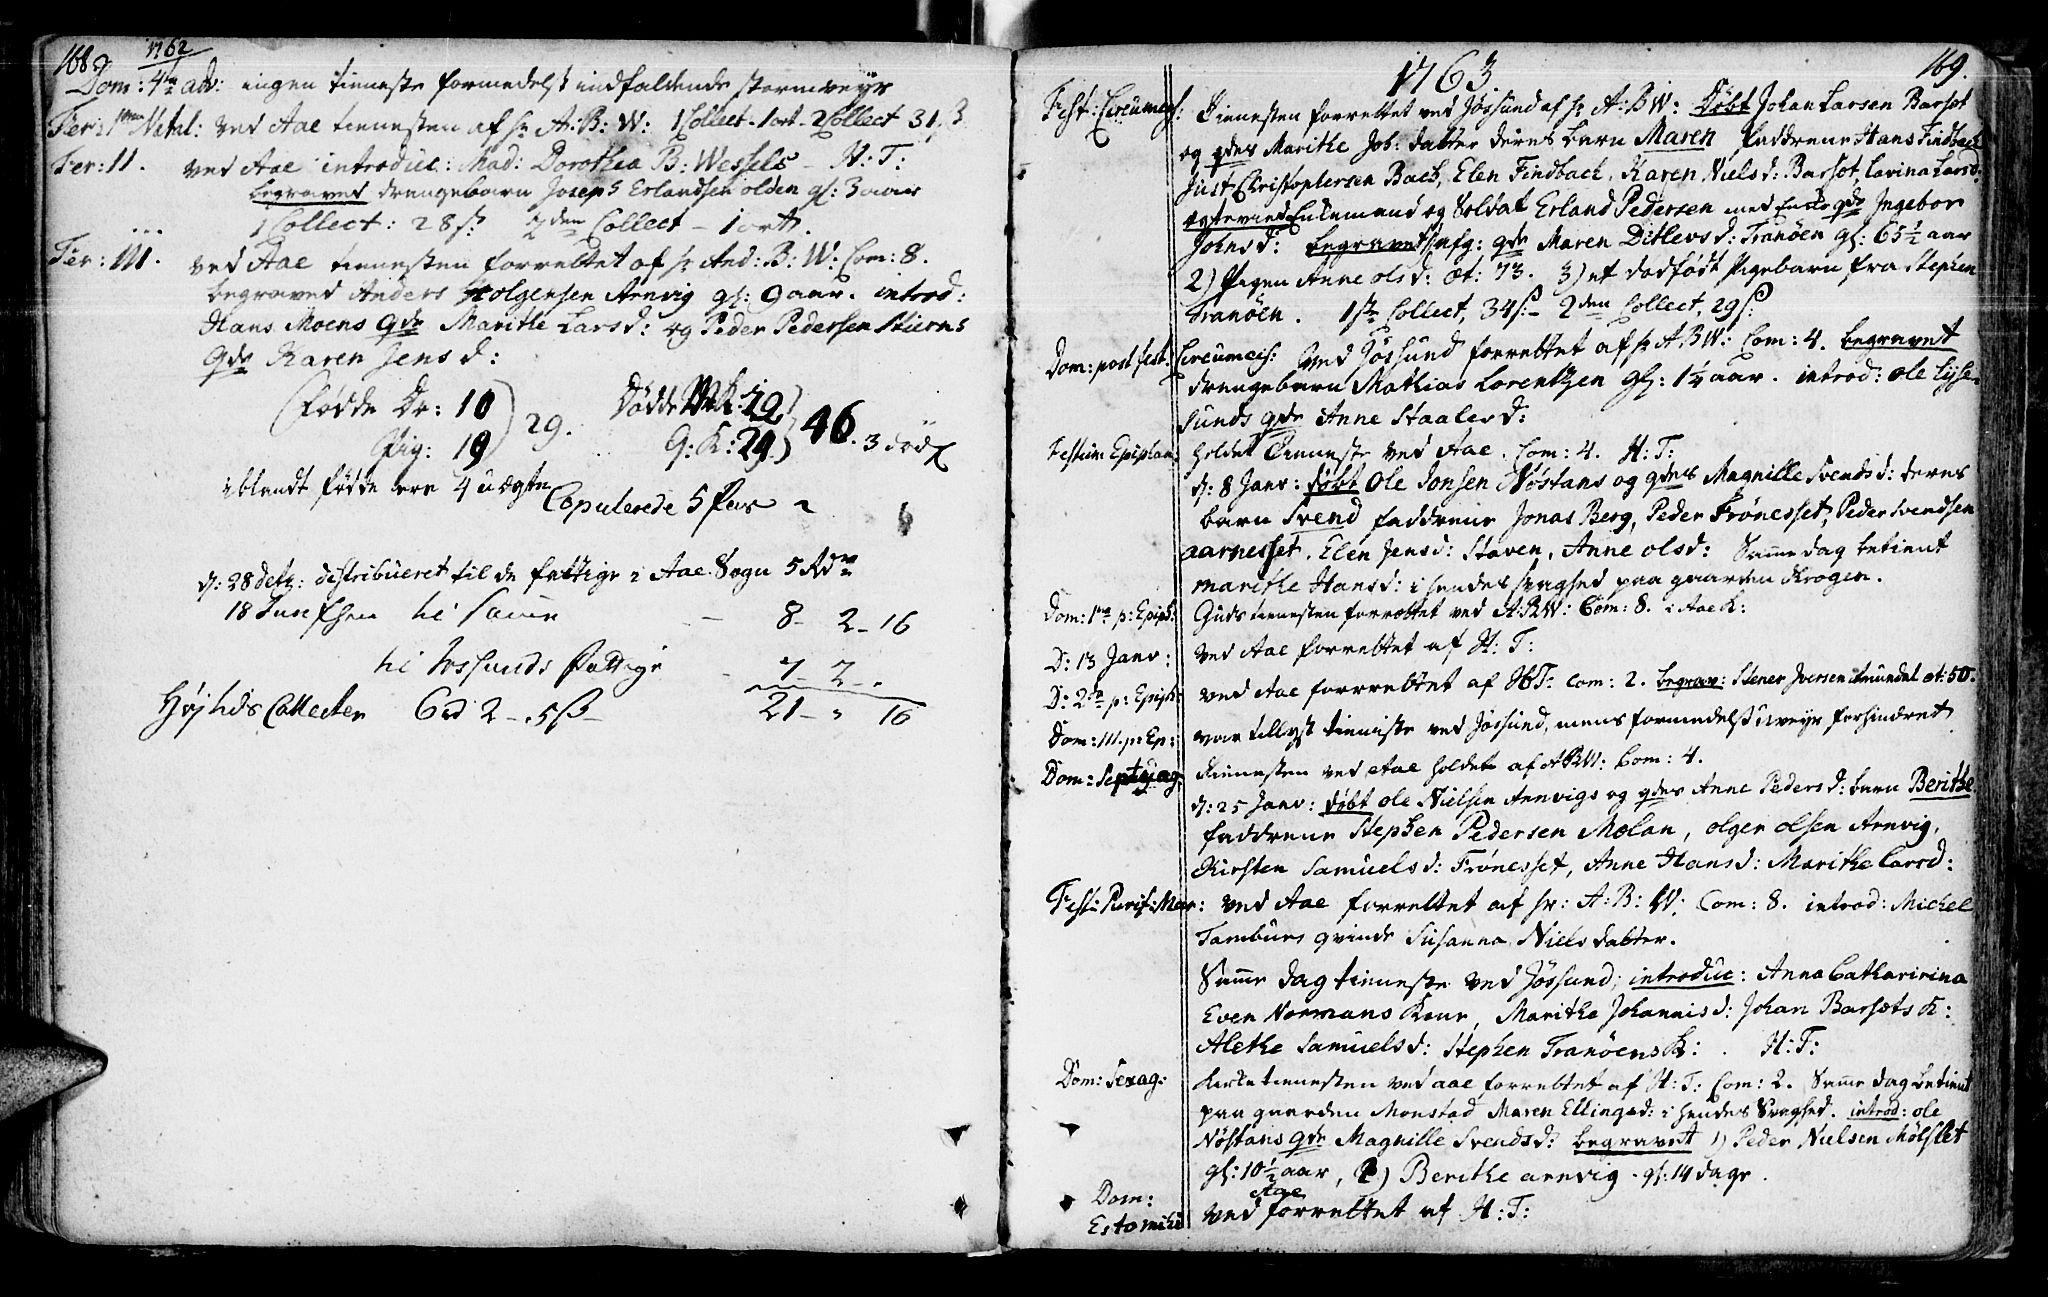 SAT, Ministerialprotokoller, klokkerbøker og fødselsregistre - Sør-Trøndelag, 655/L0672: Ministerialbok nr. 655A01, 1750-1779, s. 168-169